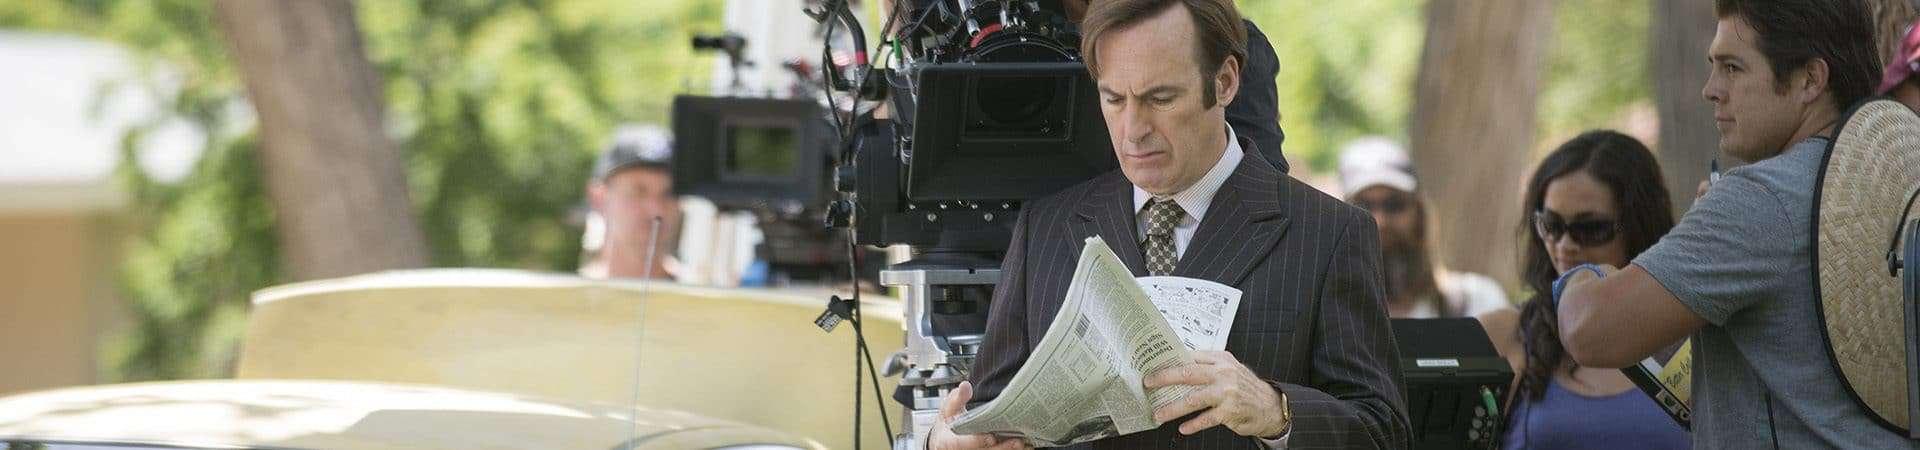 Ator Bob Odenkirk aparece trajando terno e segurando jornal em foto que registra filmagens de Better Call Saul